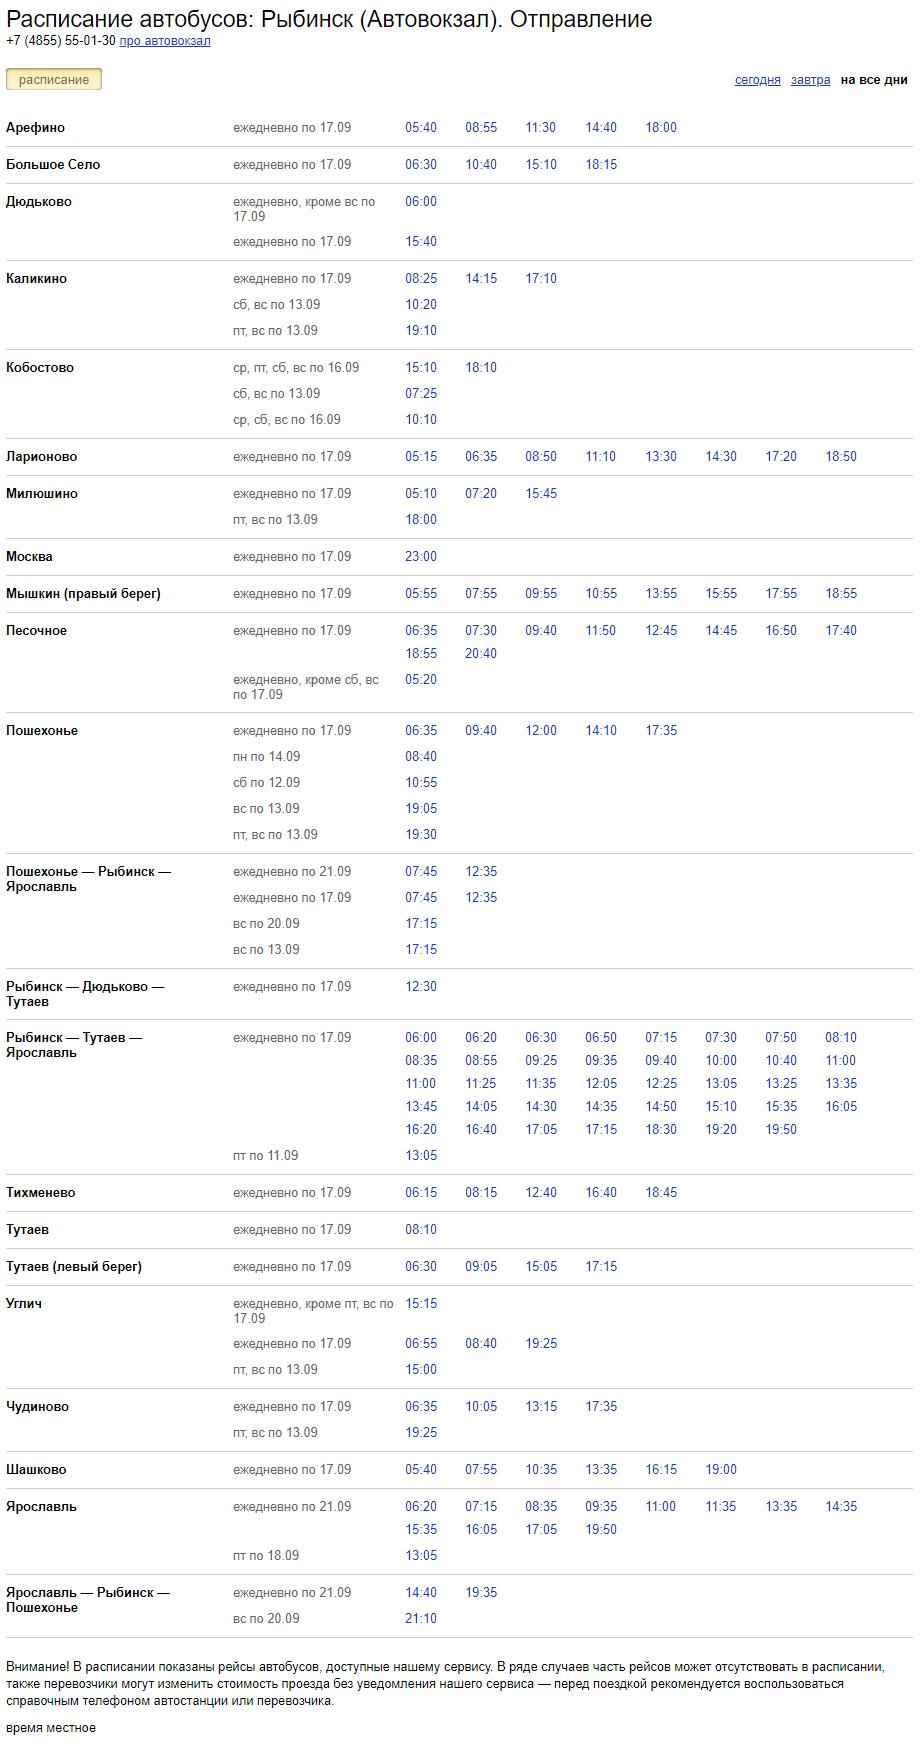 Расписание автобусов. Где смотреть для своего города?